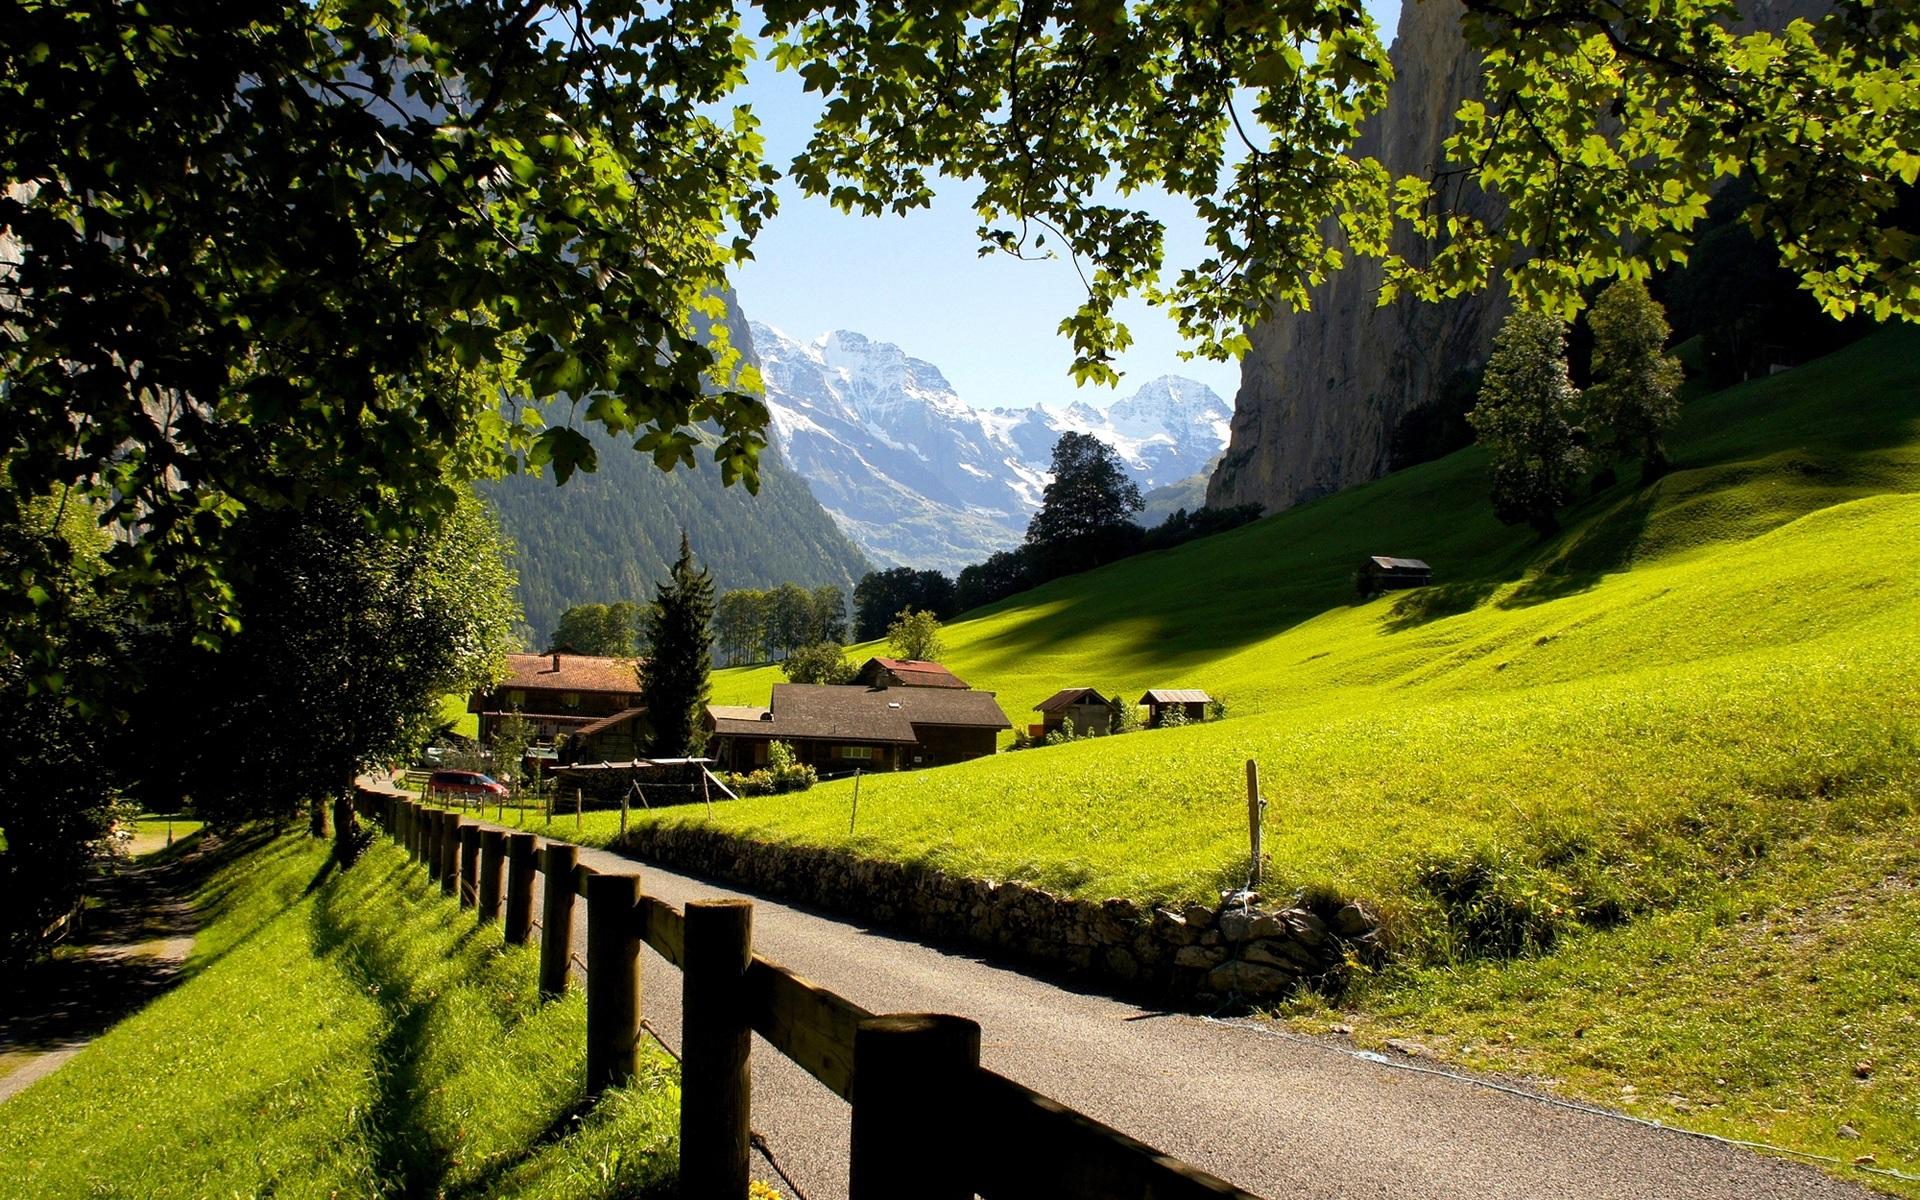 Wallpaper Switzerland Lauterbrunnen Jungfrau city mountains 1920x1200